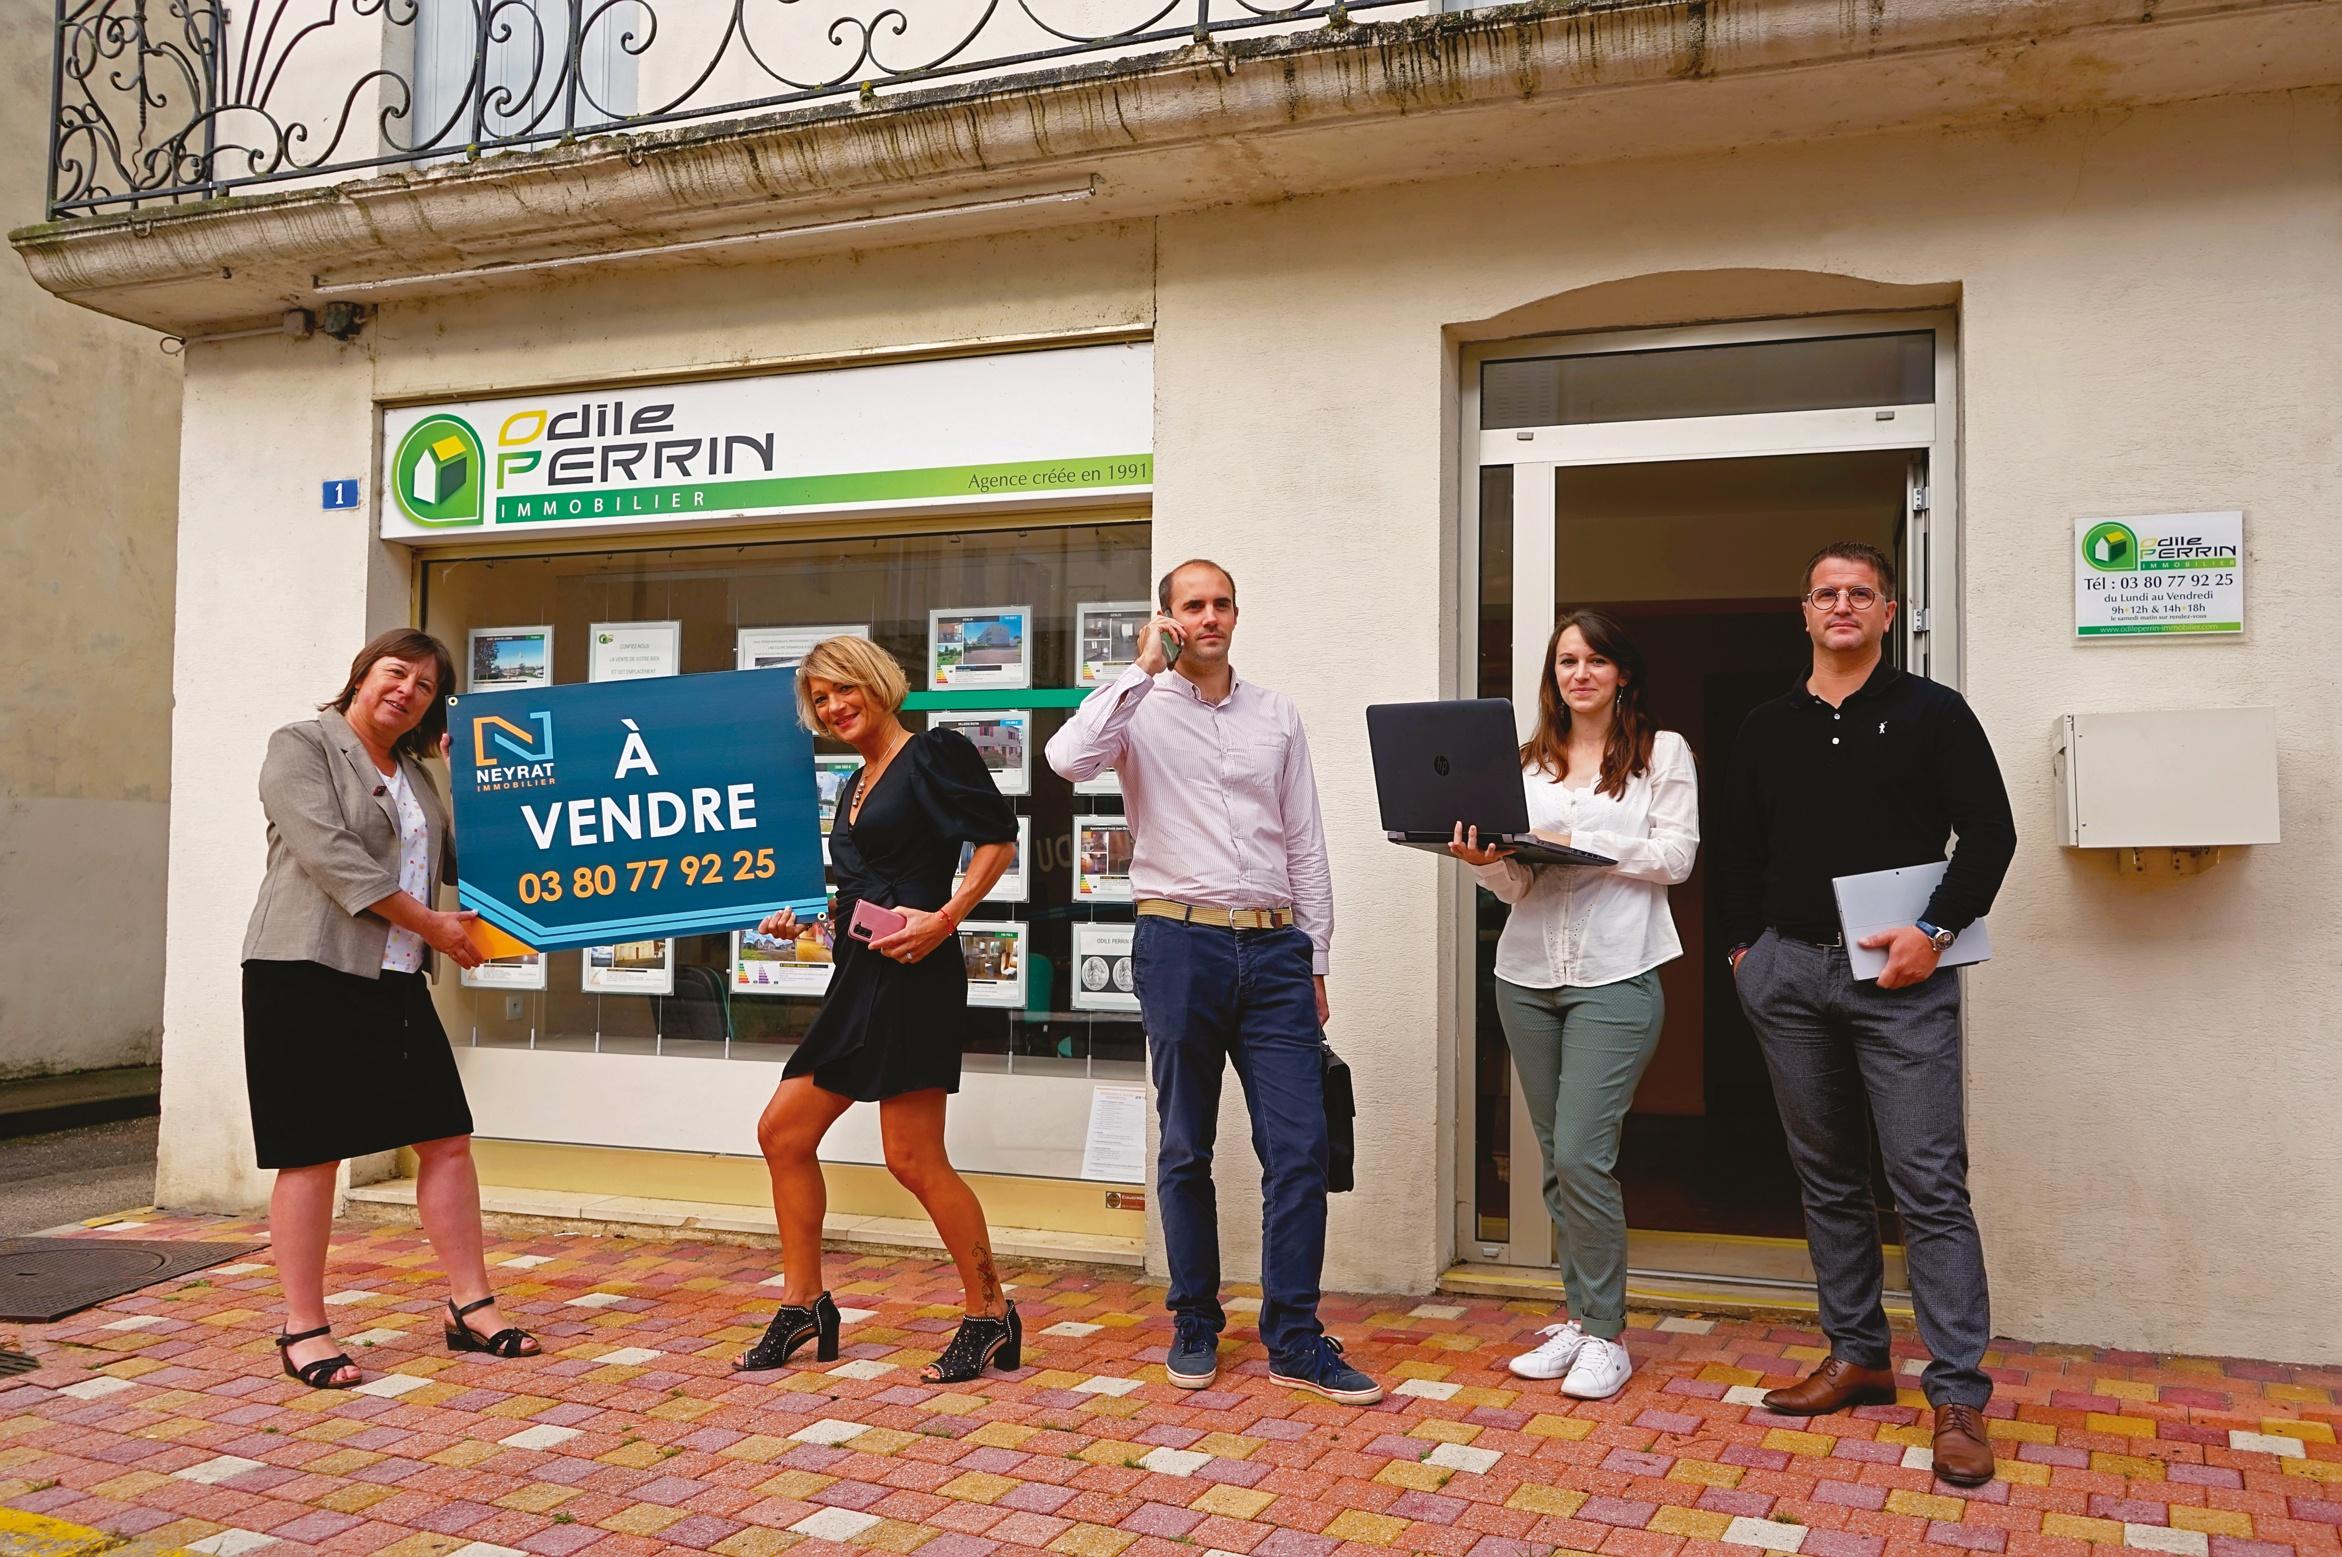 Immobilier : Neyrat prend ses quartiers à Saint-Jean-de-Losne